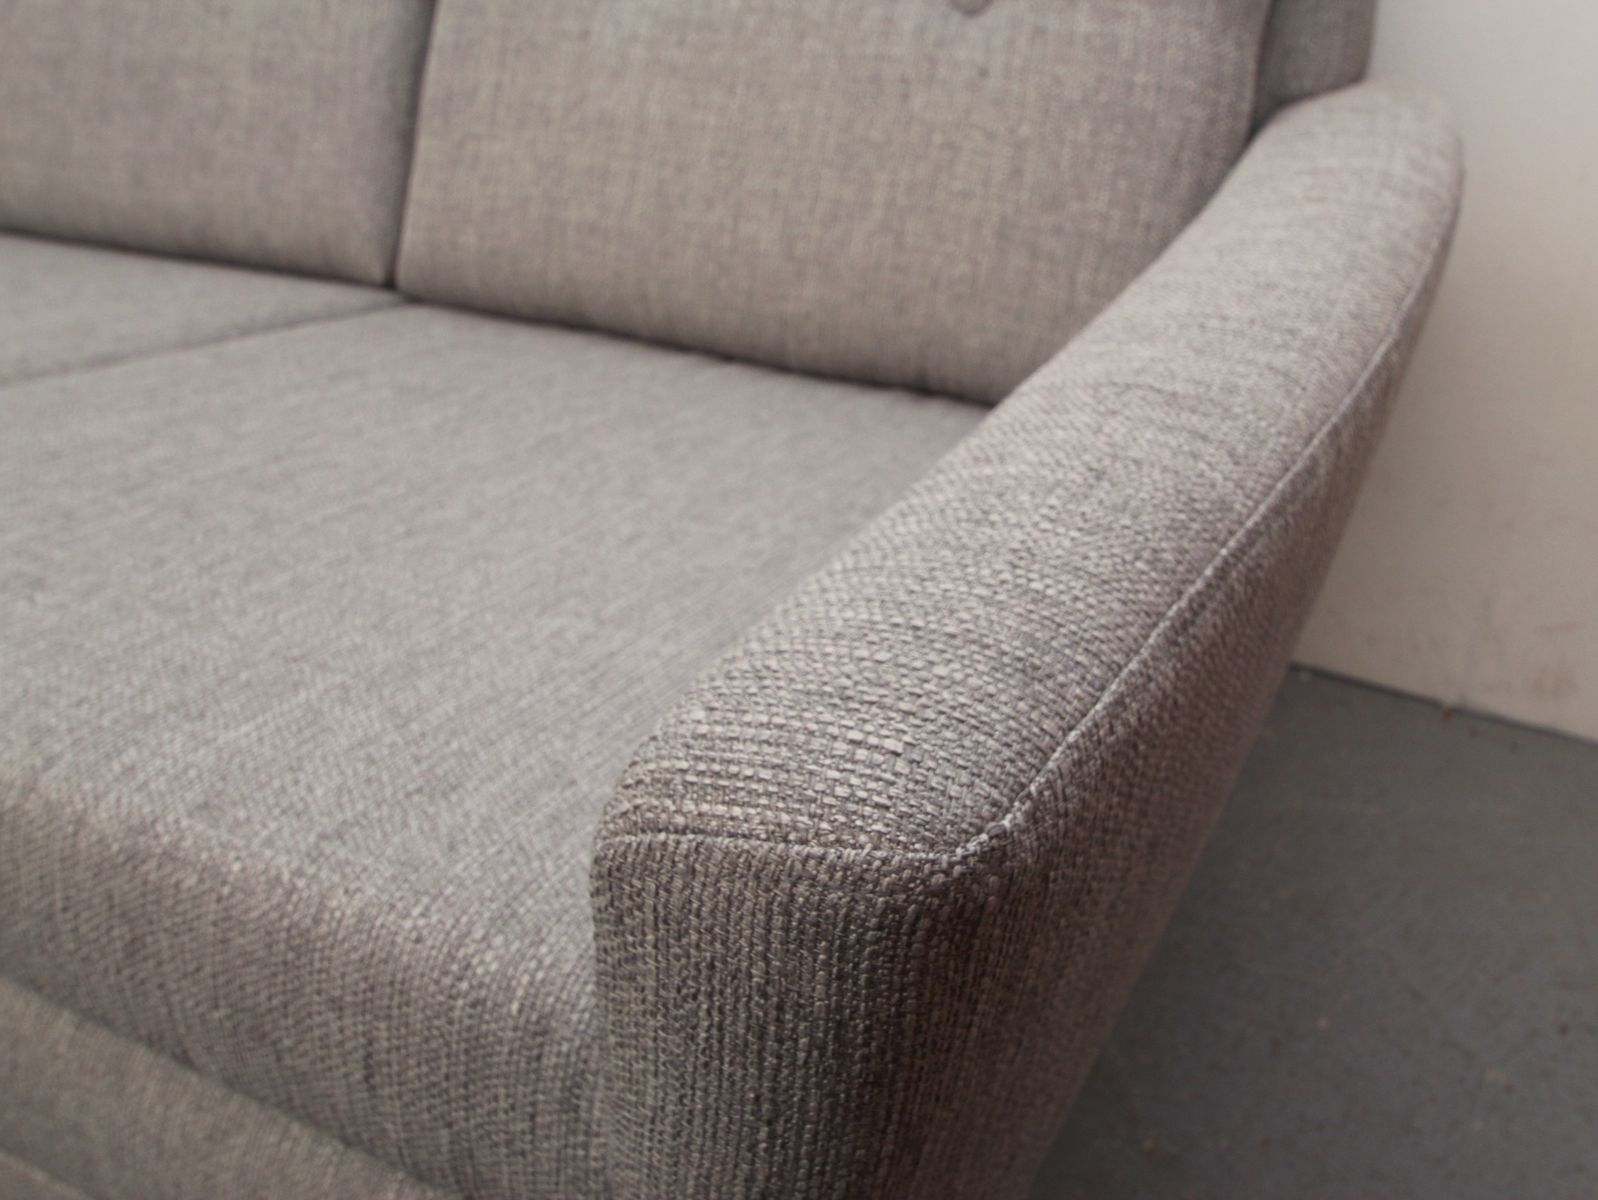 Divano grigio chiaro, Danimarca, anni \'50 in vendita su Pamono